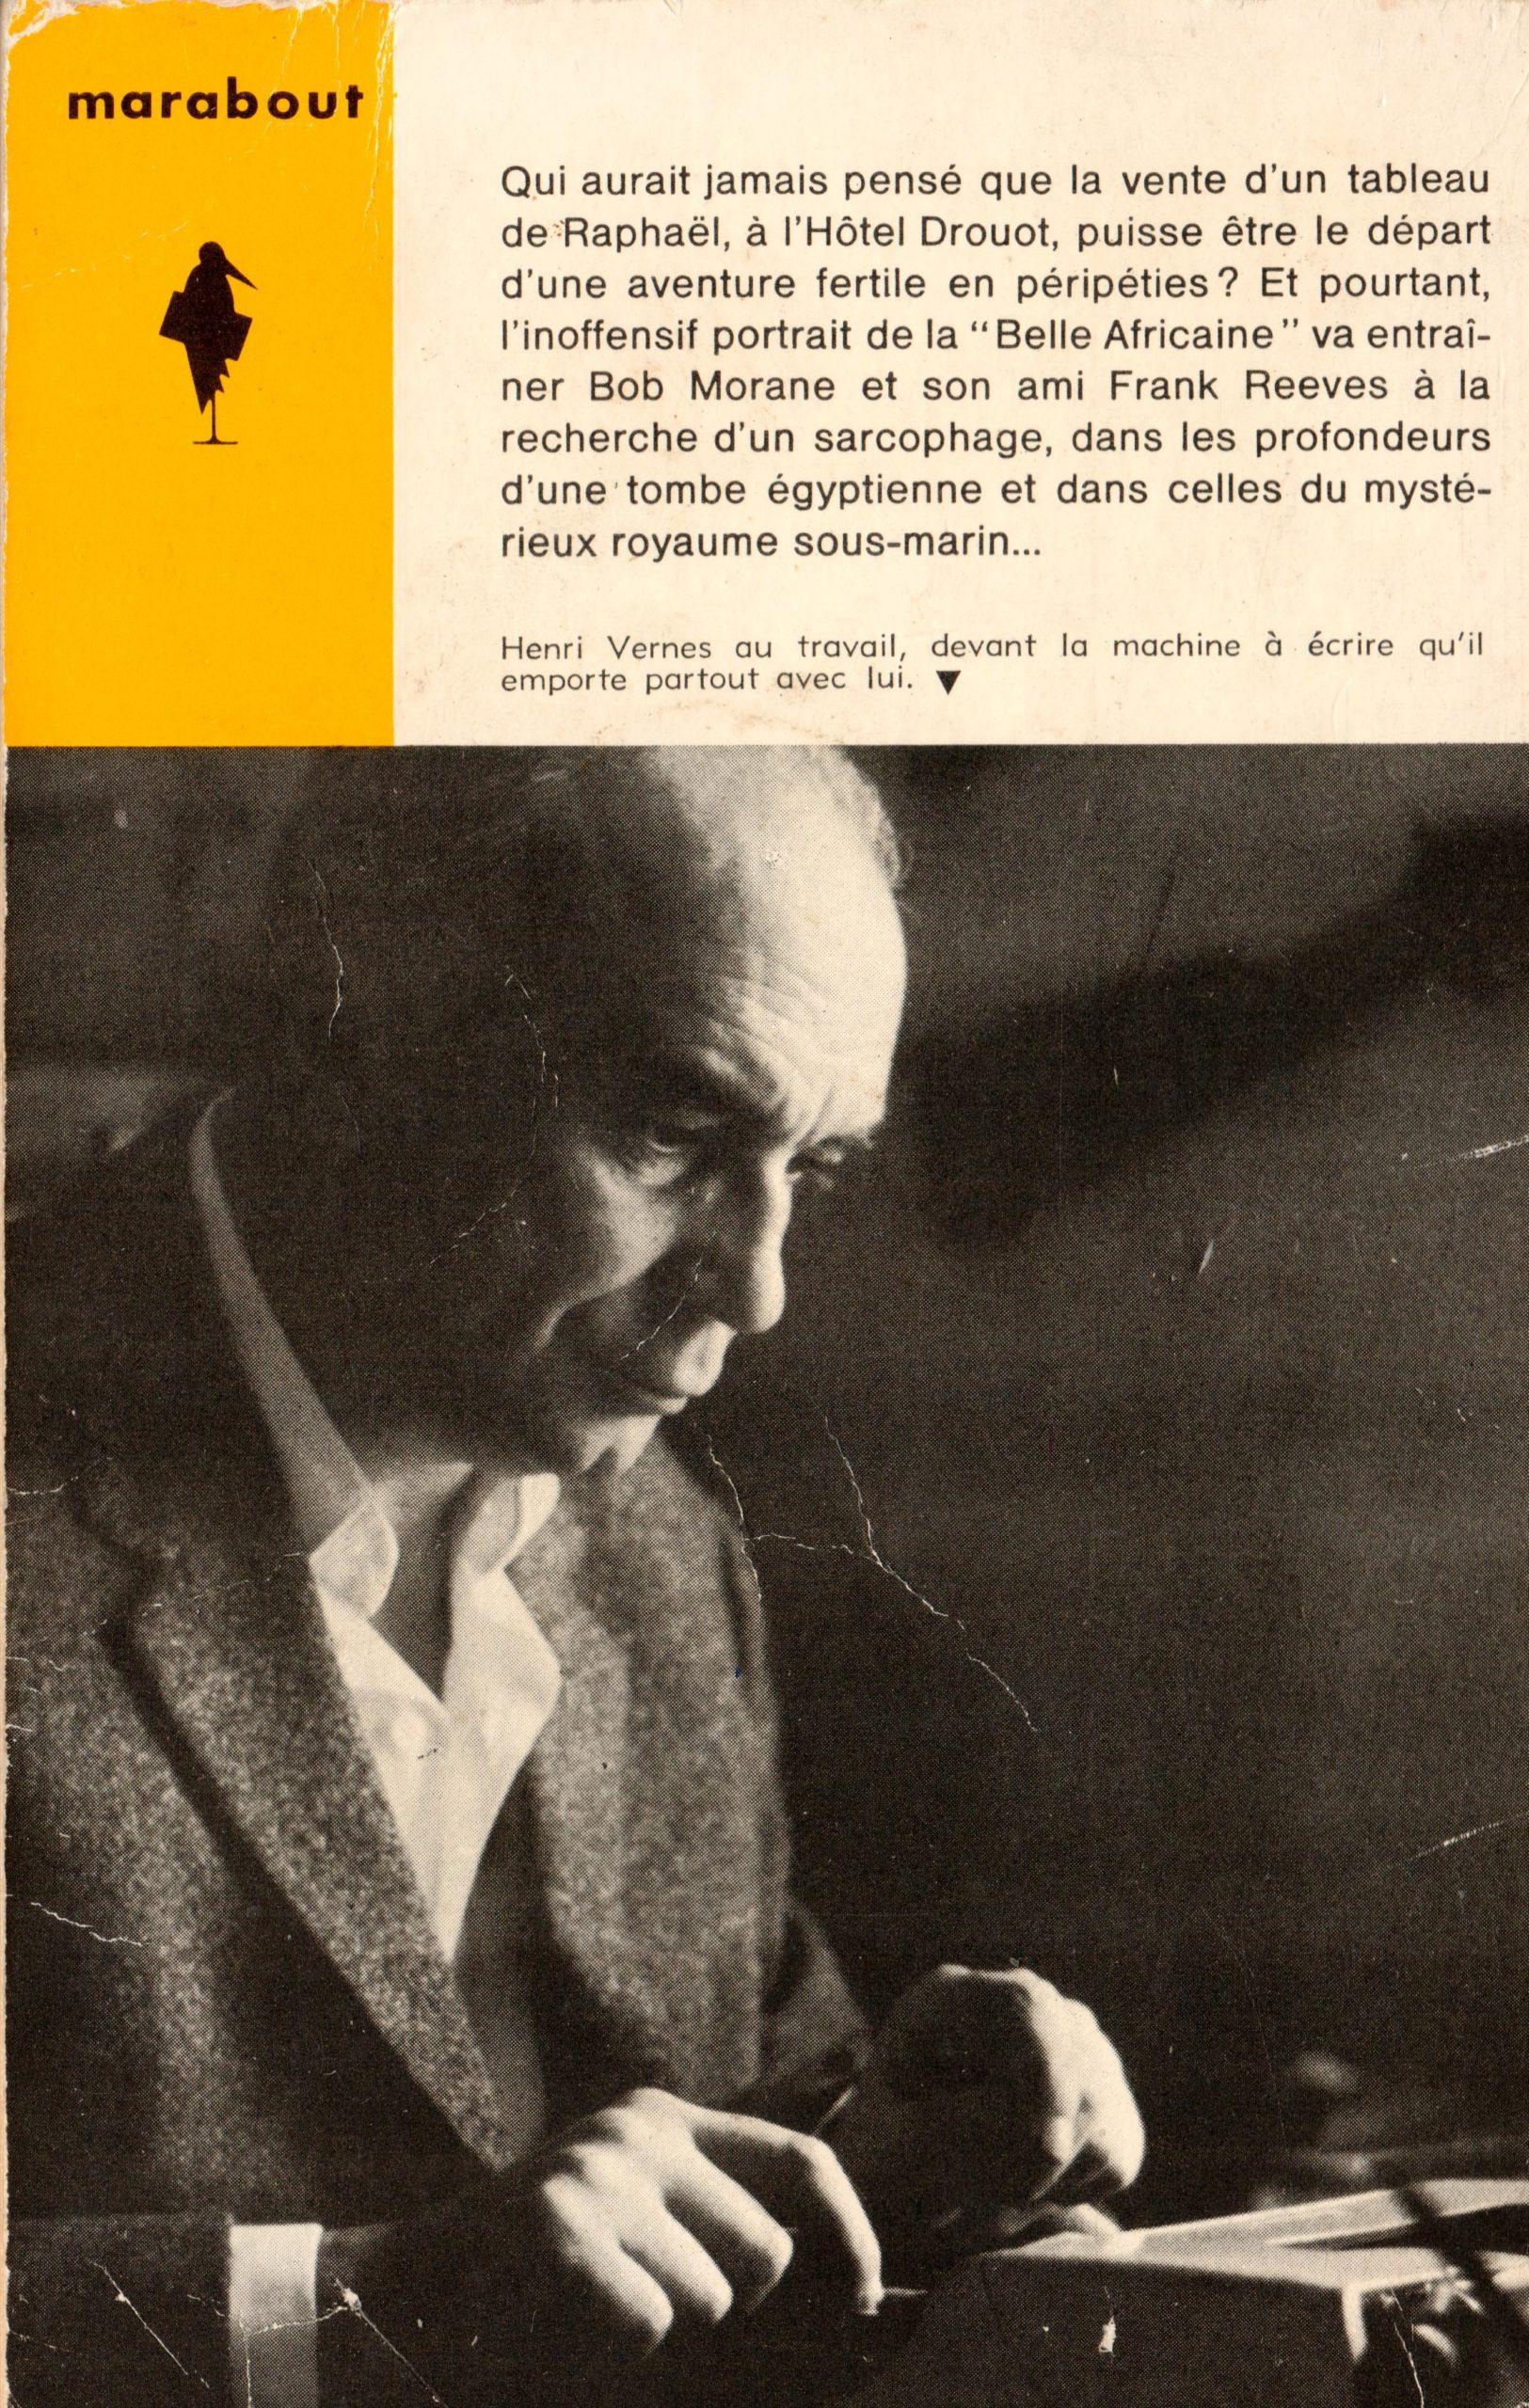 Bob Morane, la galère engloutie par Henri Vernes